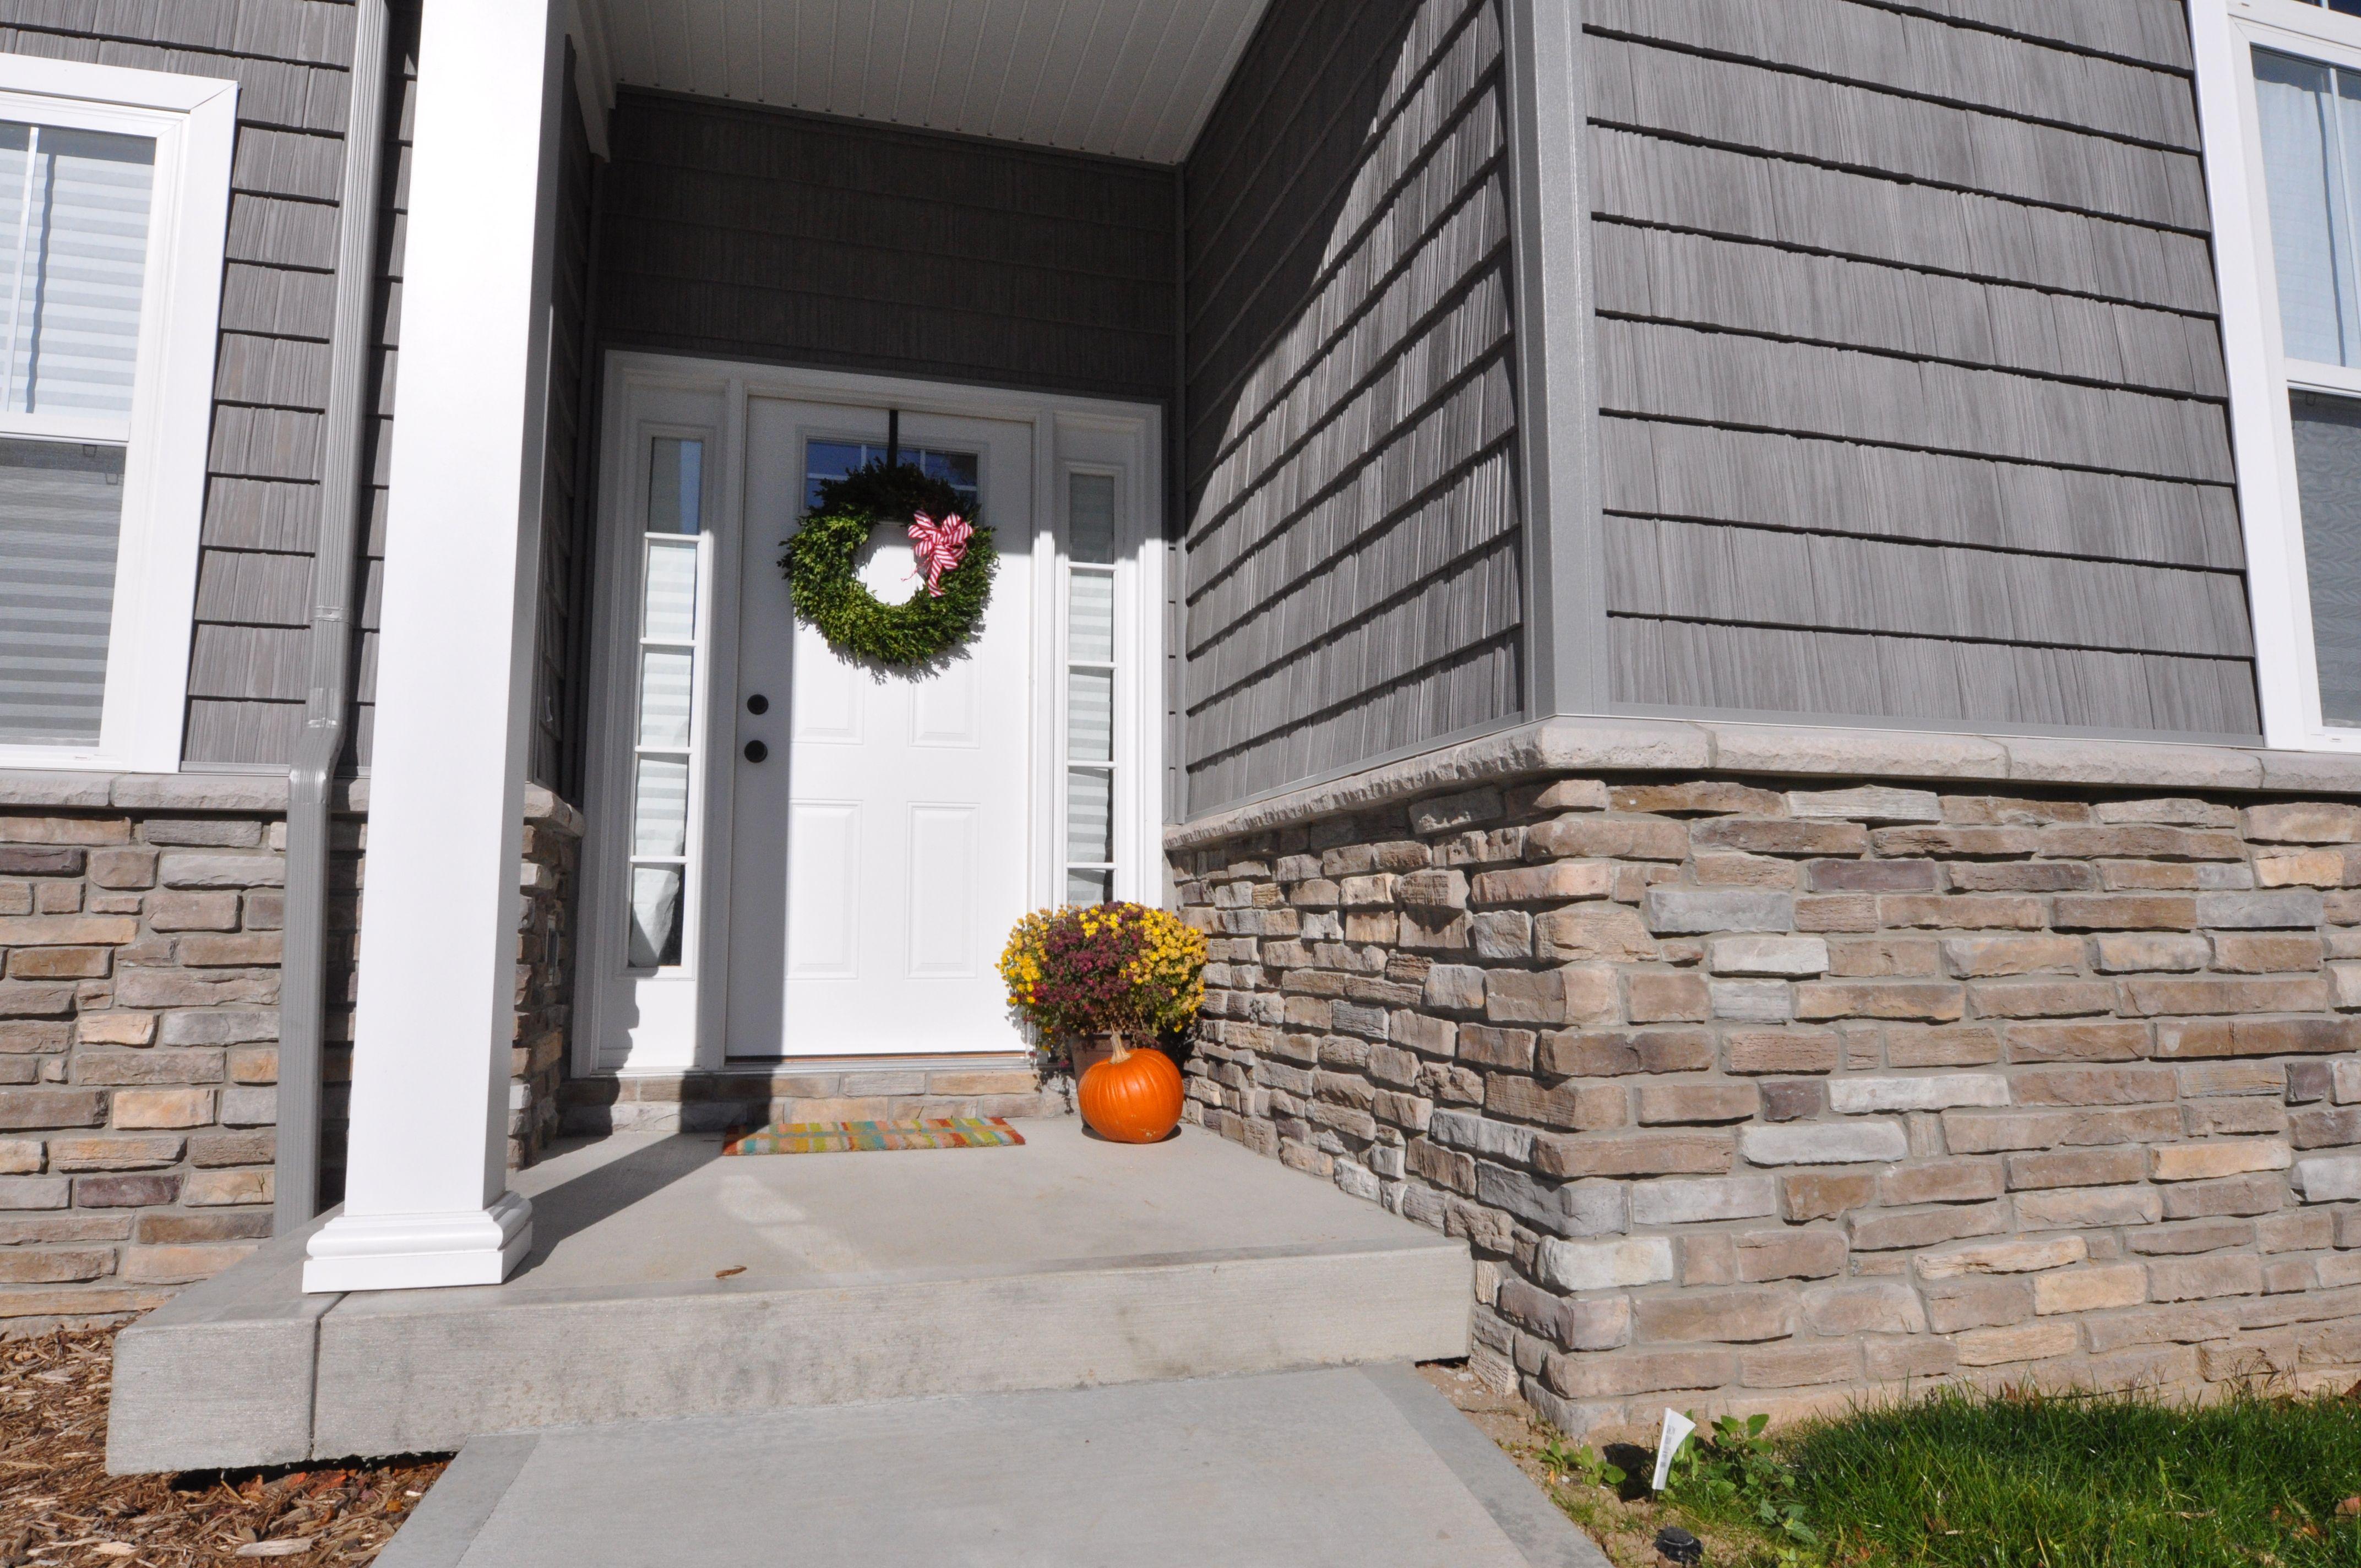 Stoned Wainscot Bucks Creek Laytite J N Stone House Exterior Stone Veneer Architecture Design